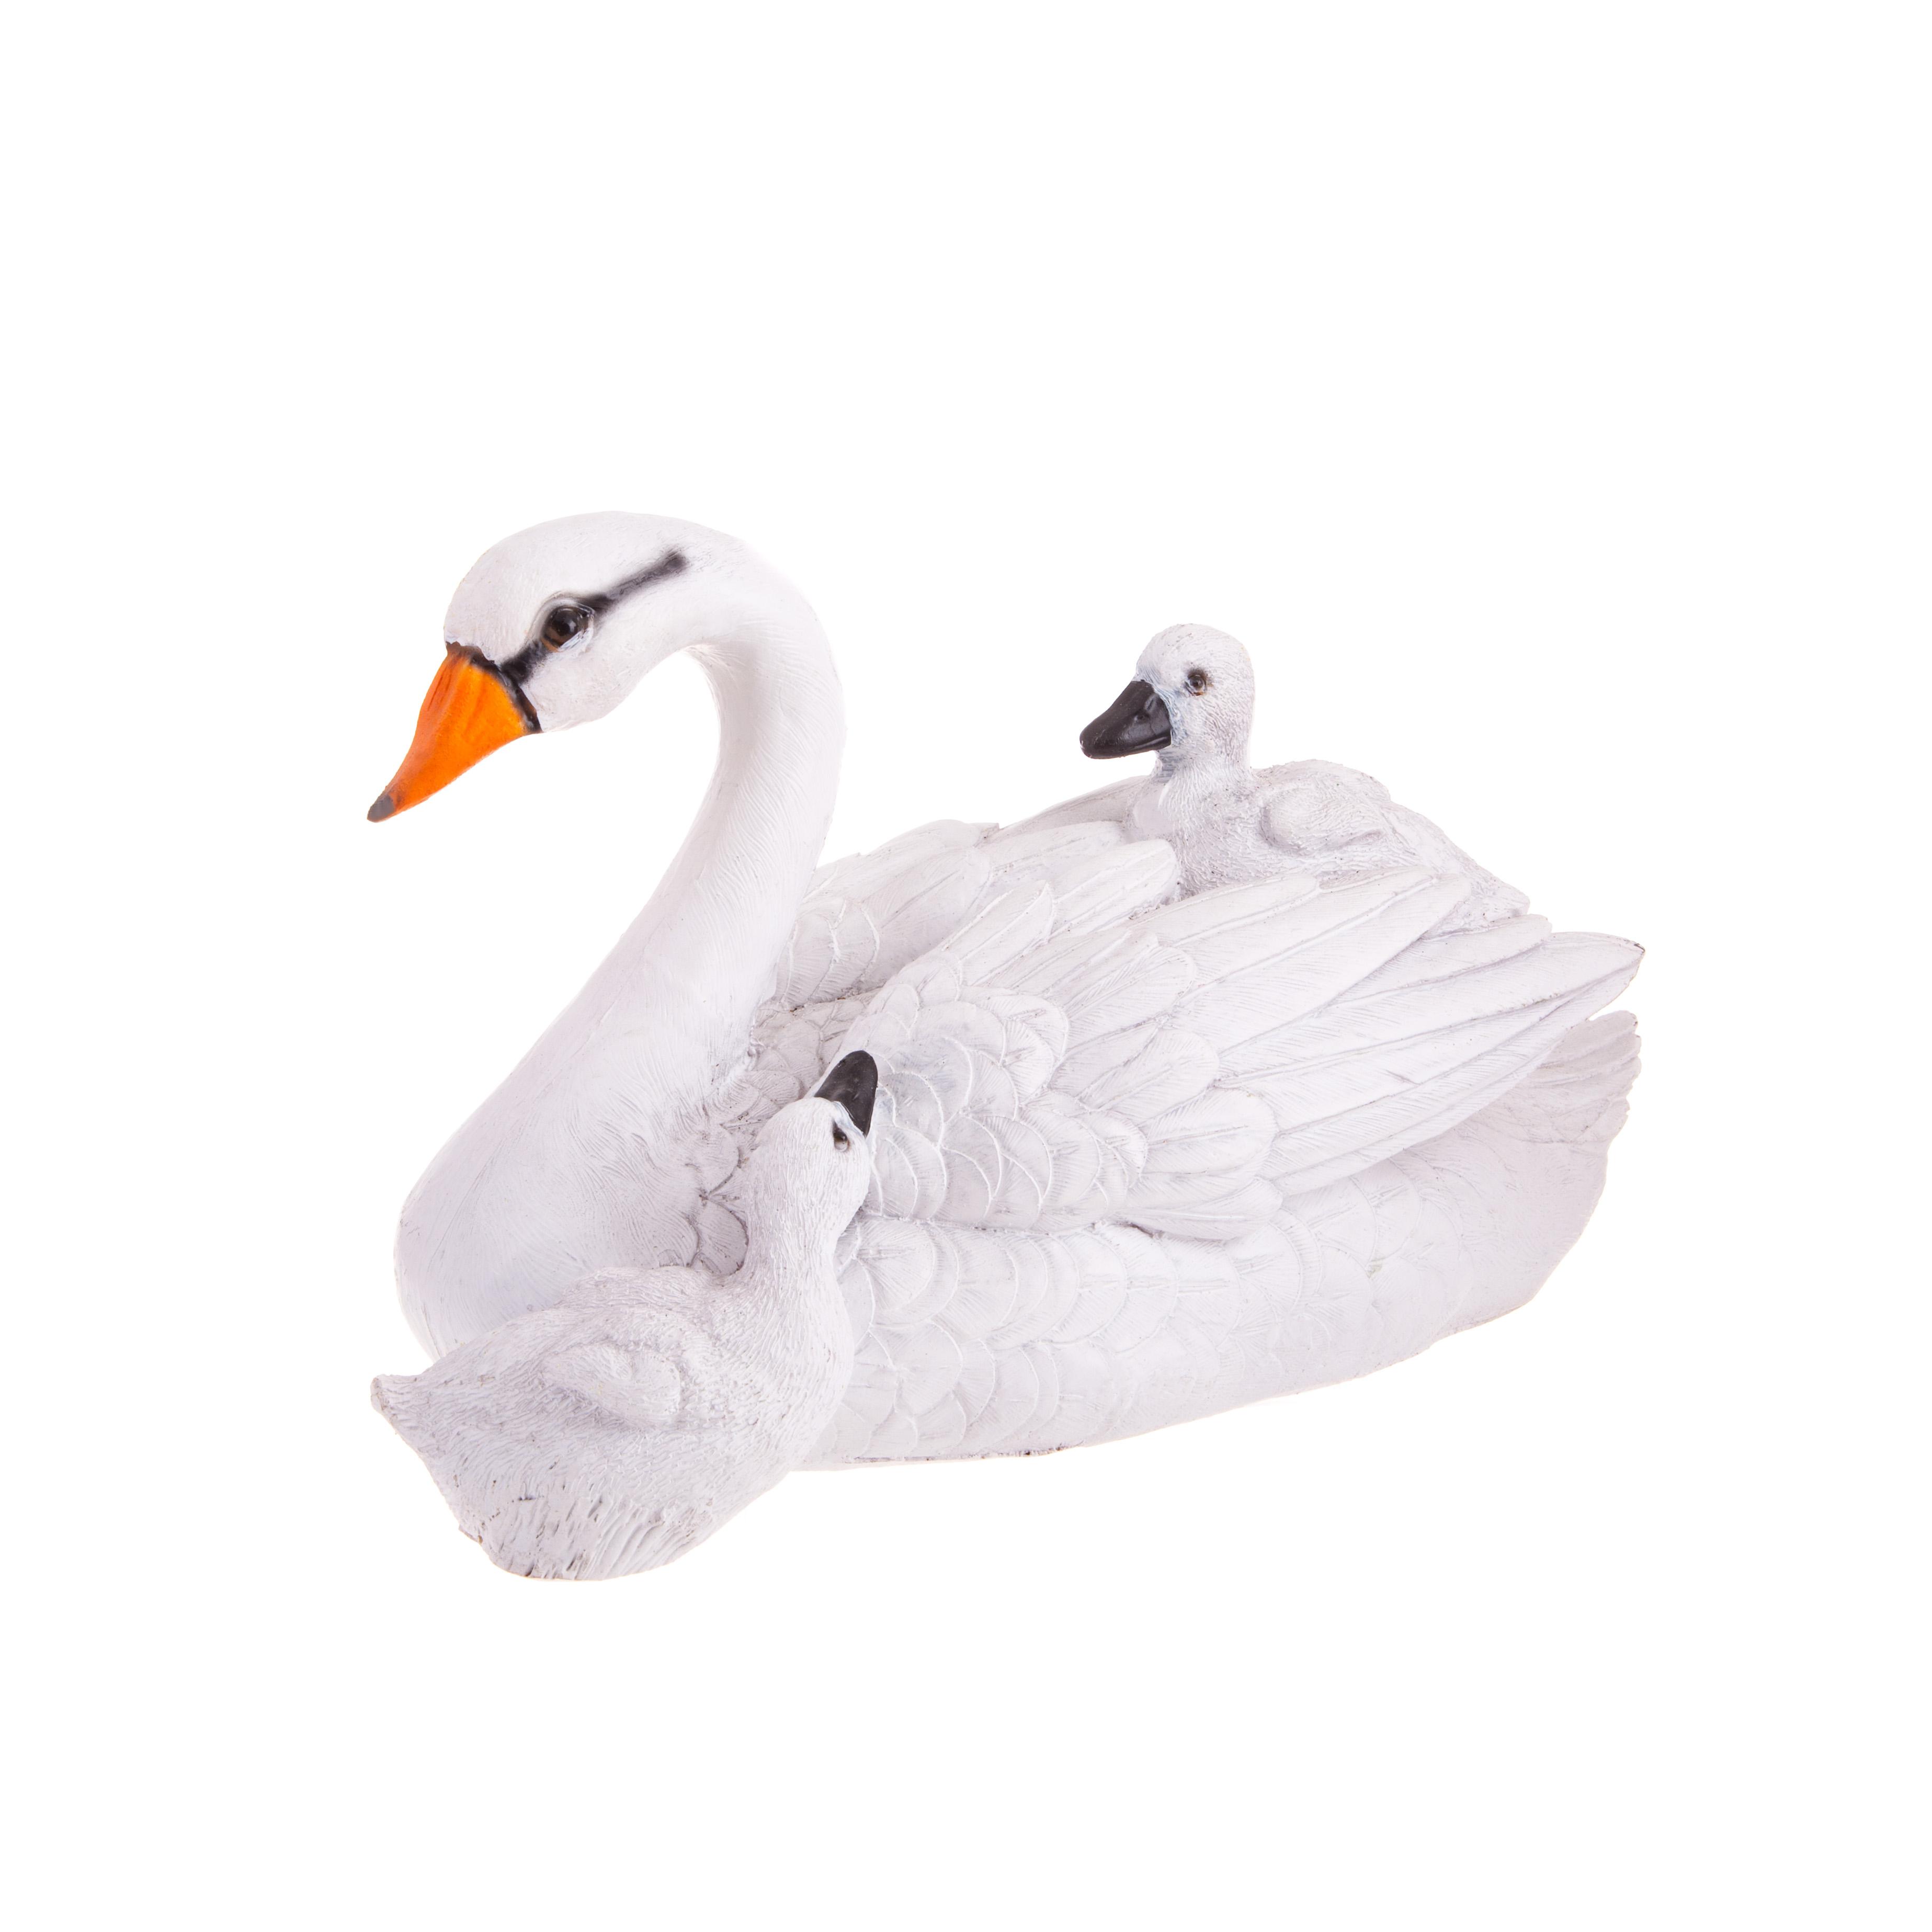 Фигура садовая Лебедь с детенышами Тпк полиформ ФП510 фигура мишки комплект 3 штуки 18см 1360694